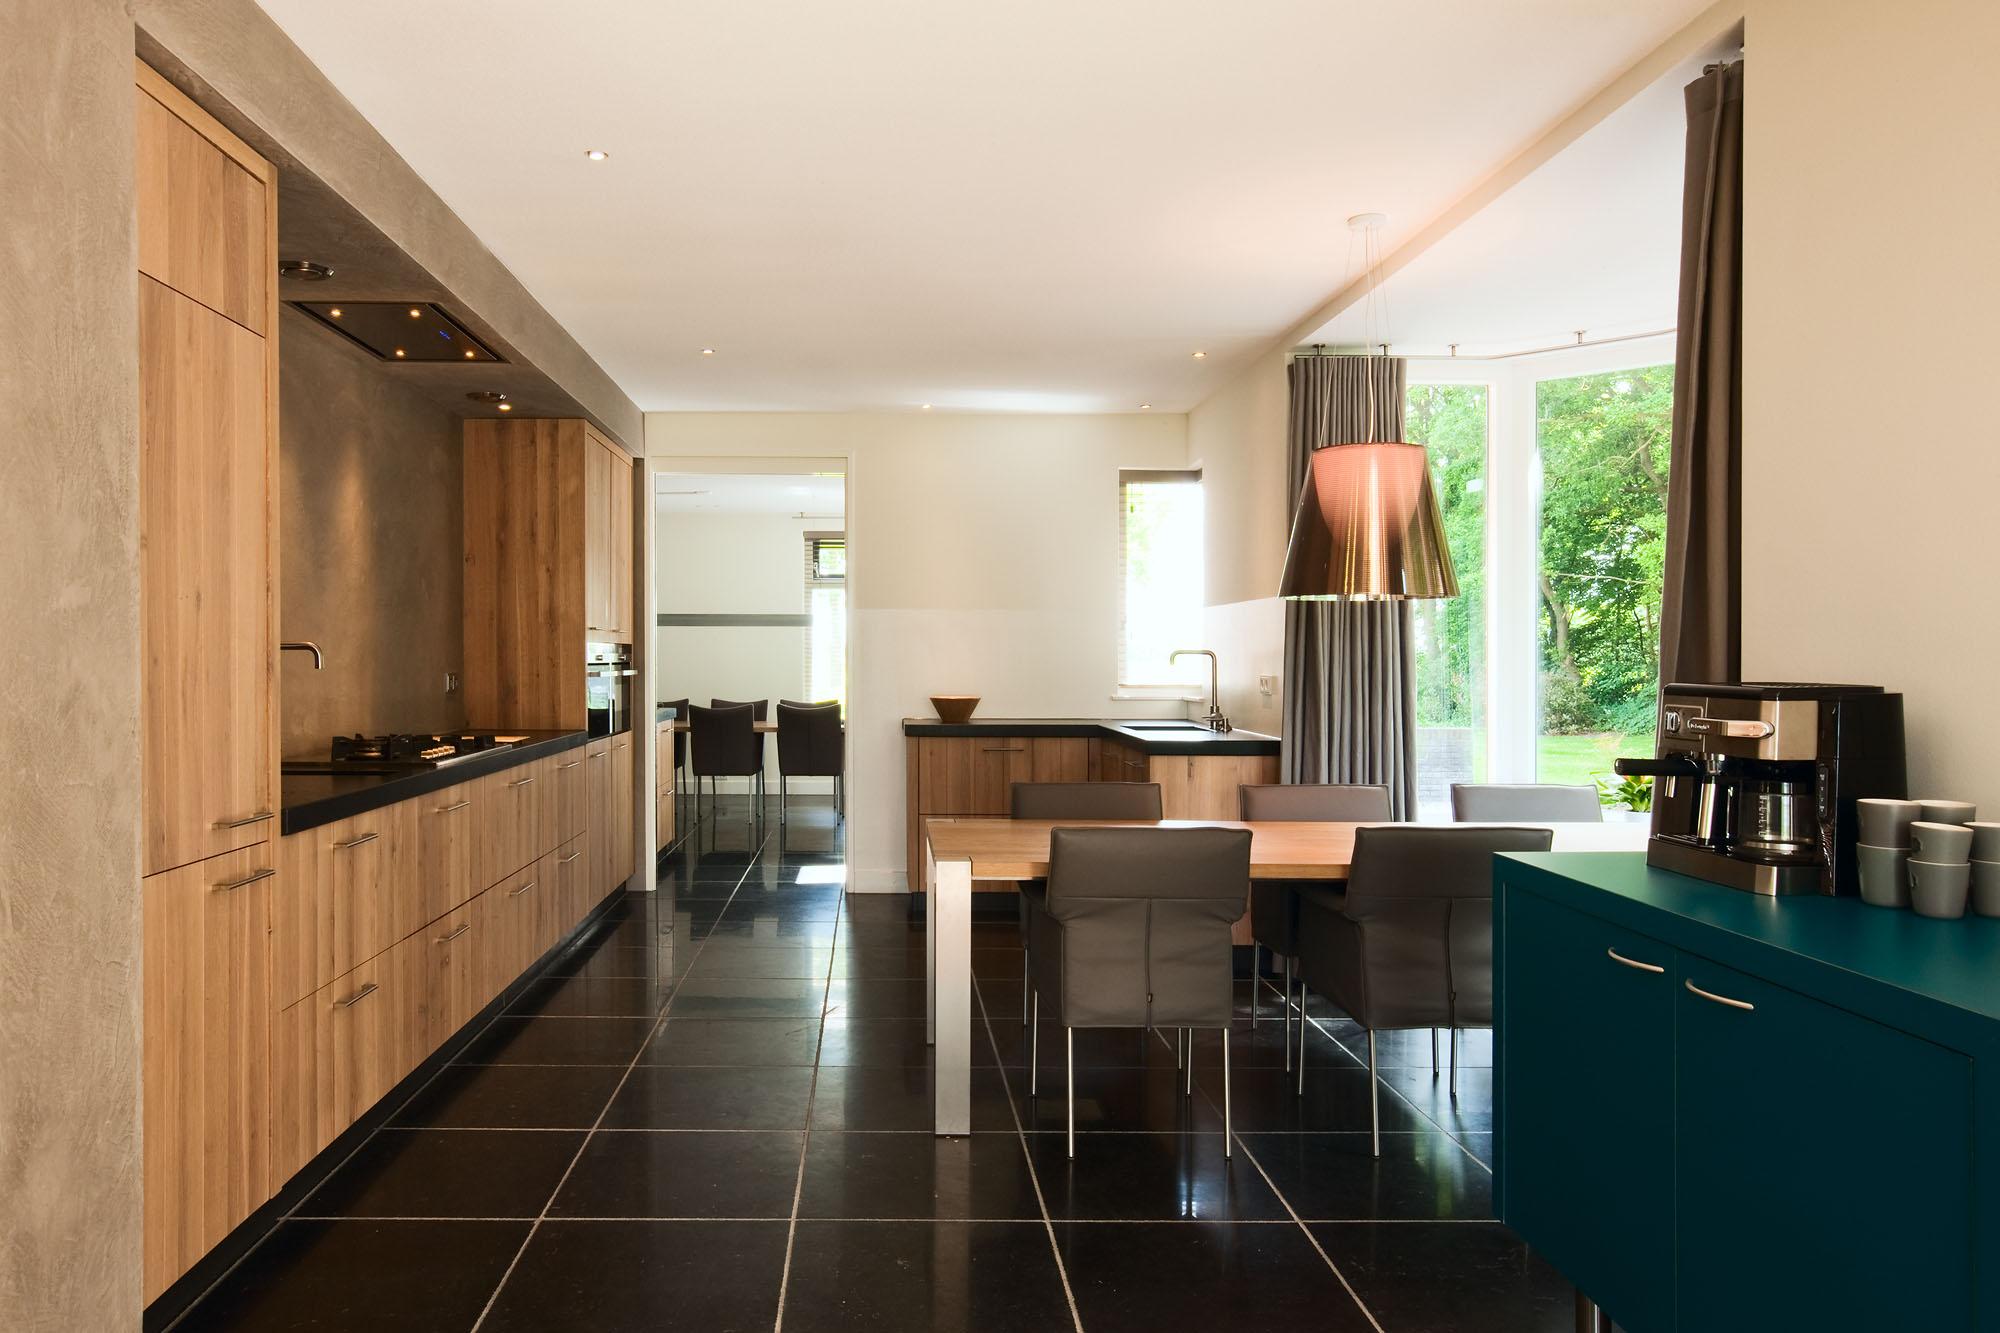 Foto van een moderne keuken